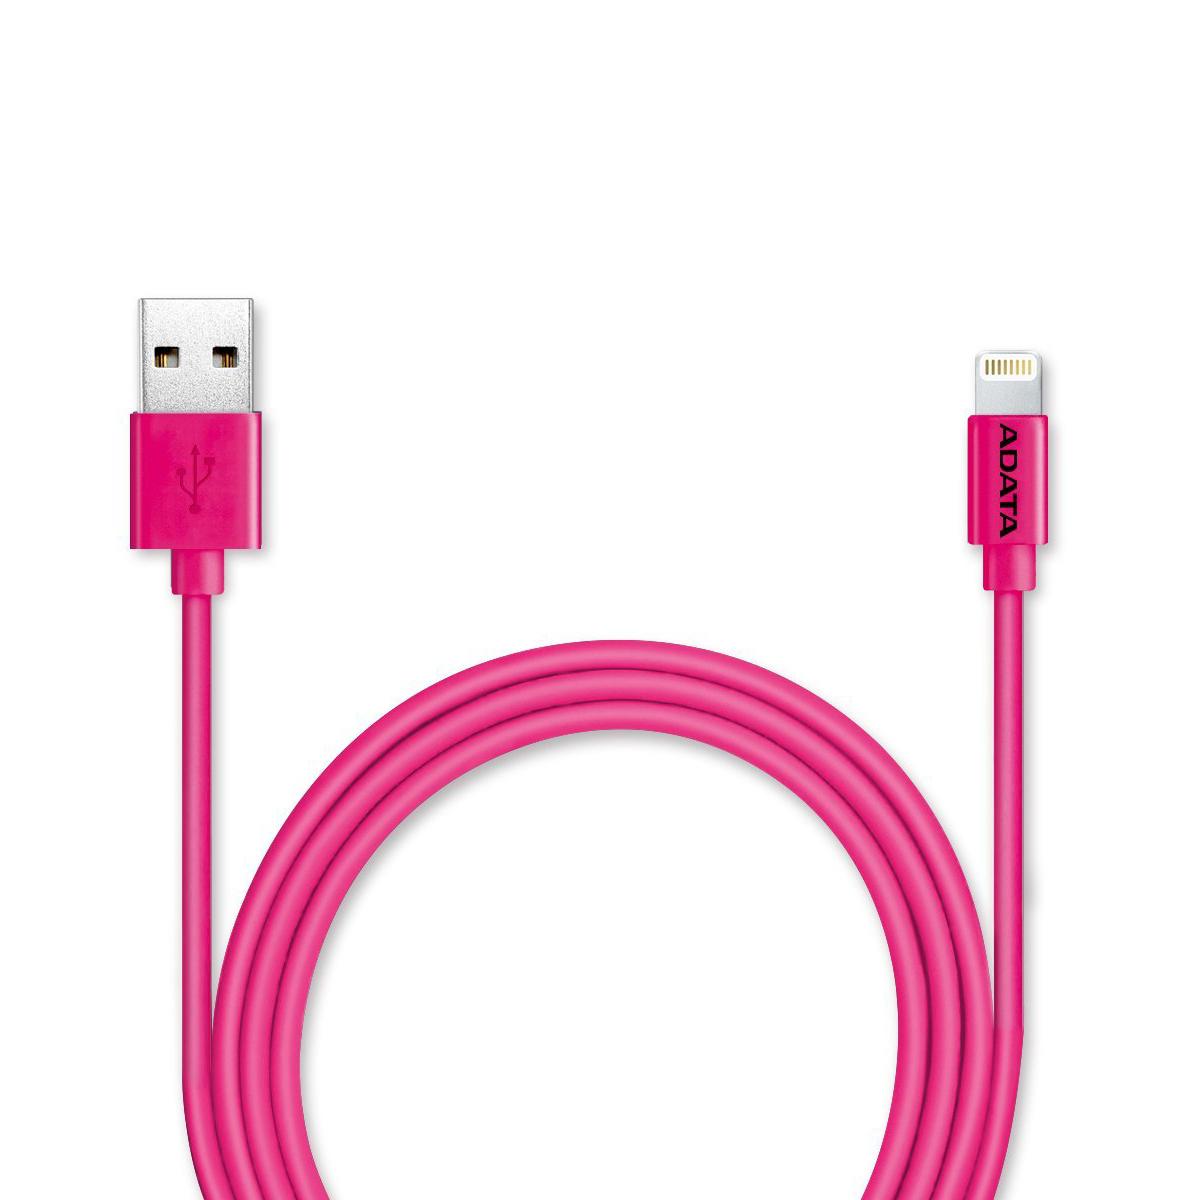 ADATA Lightning-USB MFI, Pink кабель (1 м)21703Кабель ADATA Lightning-USB MFI, для зарядки и синхронизации с сертификатом MFi от компании ADATA позволит вам без проблем заряжать устройства iPhone, iPad и iPod и выполнять синхронизацию данных между устройствами для поддержания высокой мобильности вашей жизни! Имеющий прочную многослойную структуру с использованием луженых медных проводников, надежный и долговечный кабель зарядки и синхронизации Apple Lightning обеспечивает быструю зарядку током до 2,4А и эффективную защиту от вредных электромагнитных помех. Кабель зарядки и синхронизации Apple Lightning - это стильный мобильный аксессуар, выпускаемый в нескольких ярких цветных и металлизированных вариантах, включая варианты с подобранным по цвету кабельным хомутом, обеспечивающим удобство укладки кабеля.